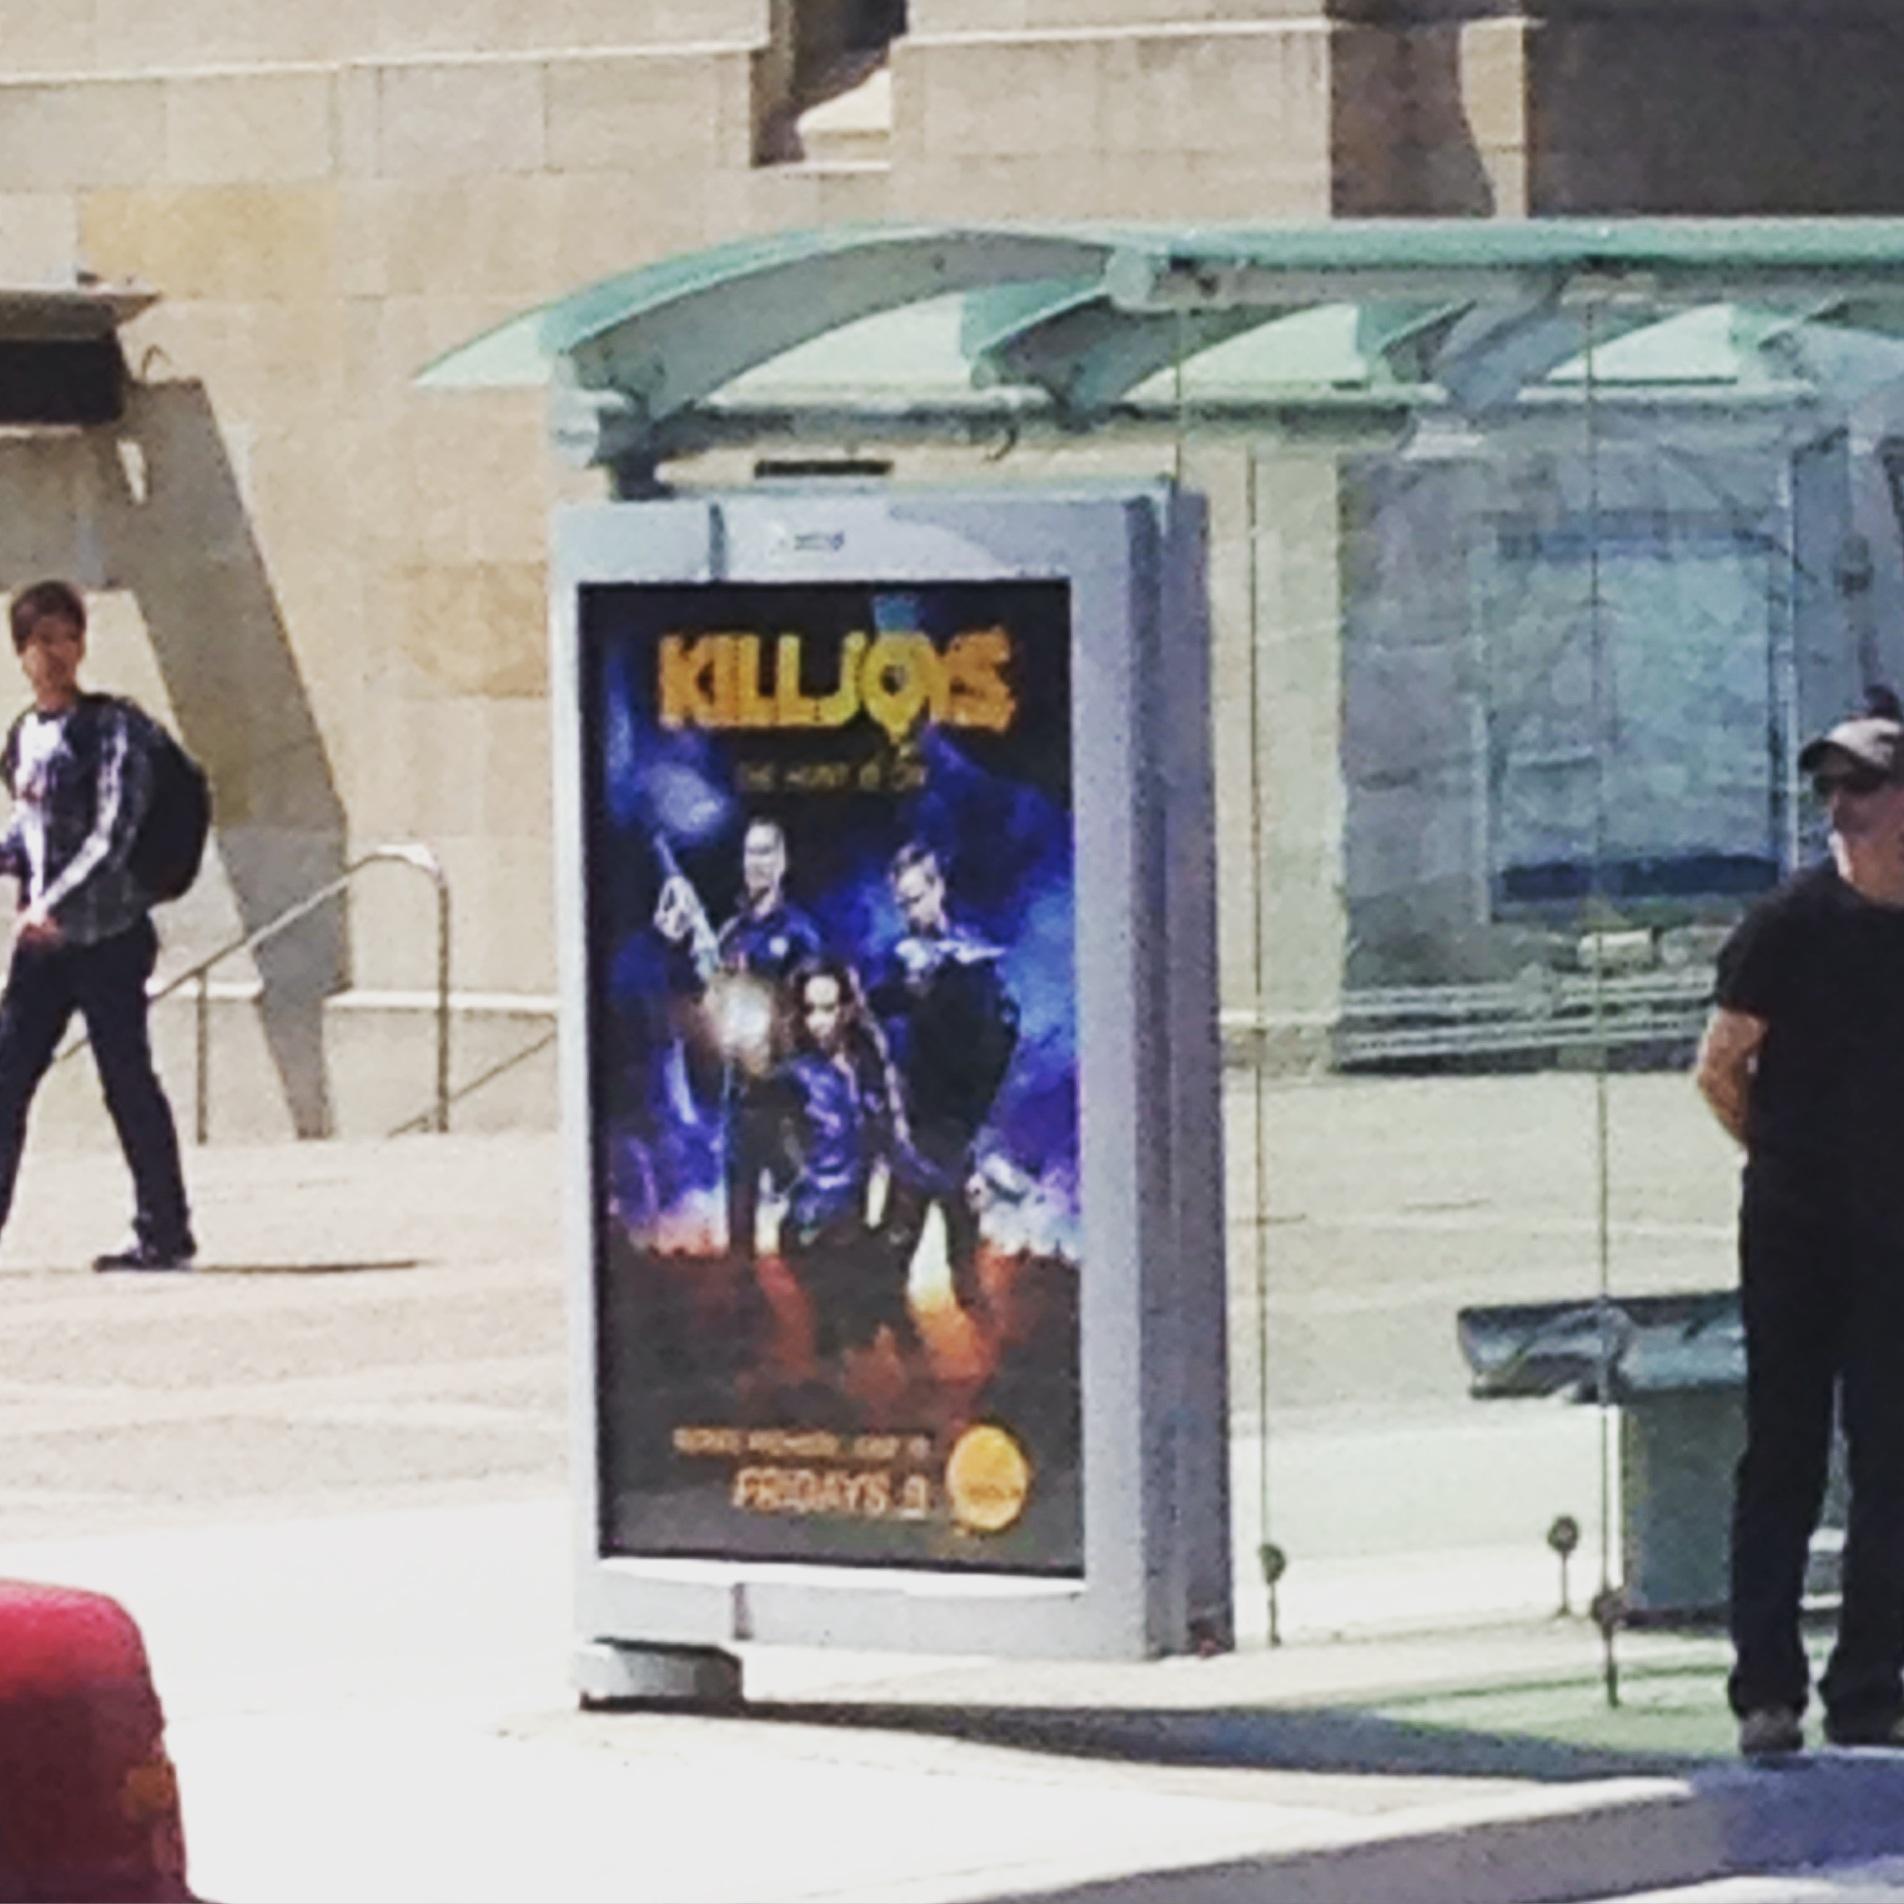 Killjoys bus shelter